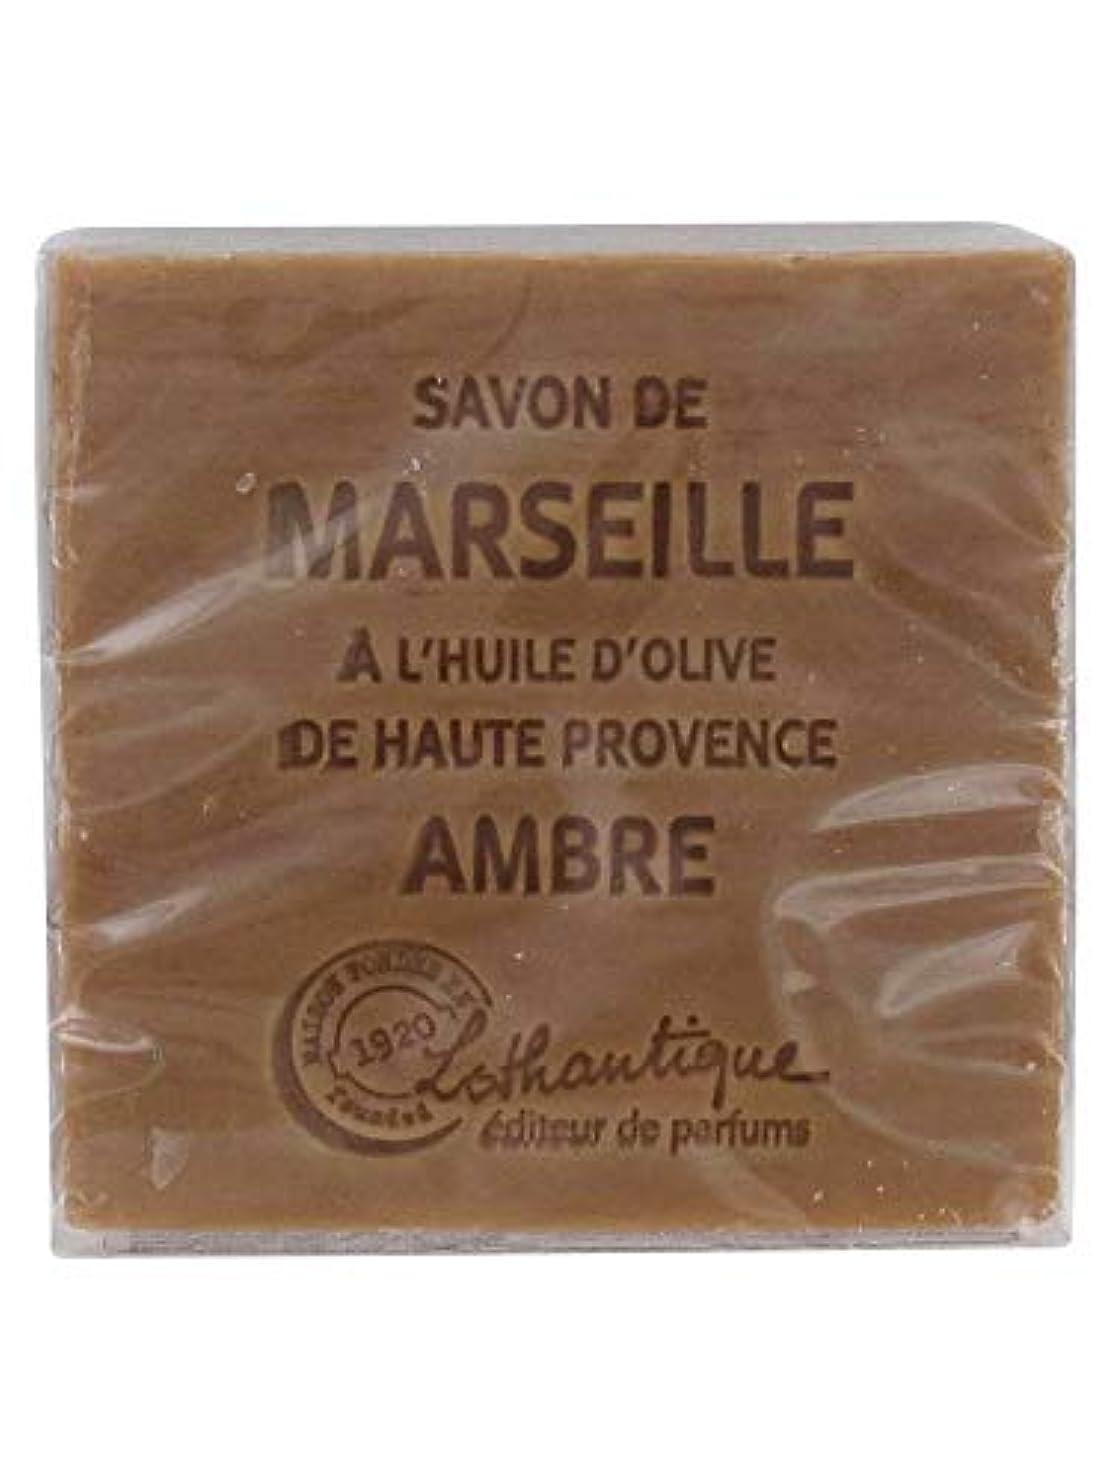 オーチャードハーブ自由Lothantique(ロタンティック) Les savons de Marseille(マルセイユソープ) マルセイユソープ 100g 「アンバー」 3420070038012